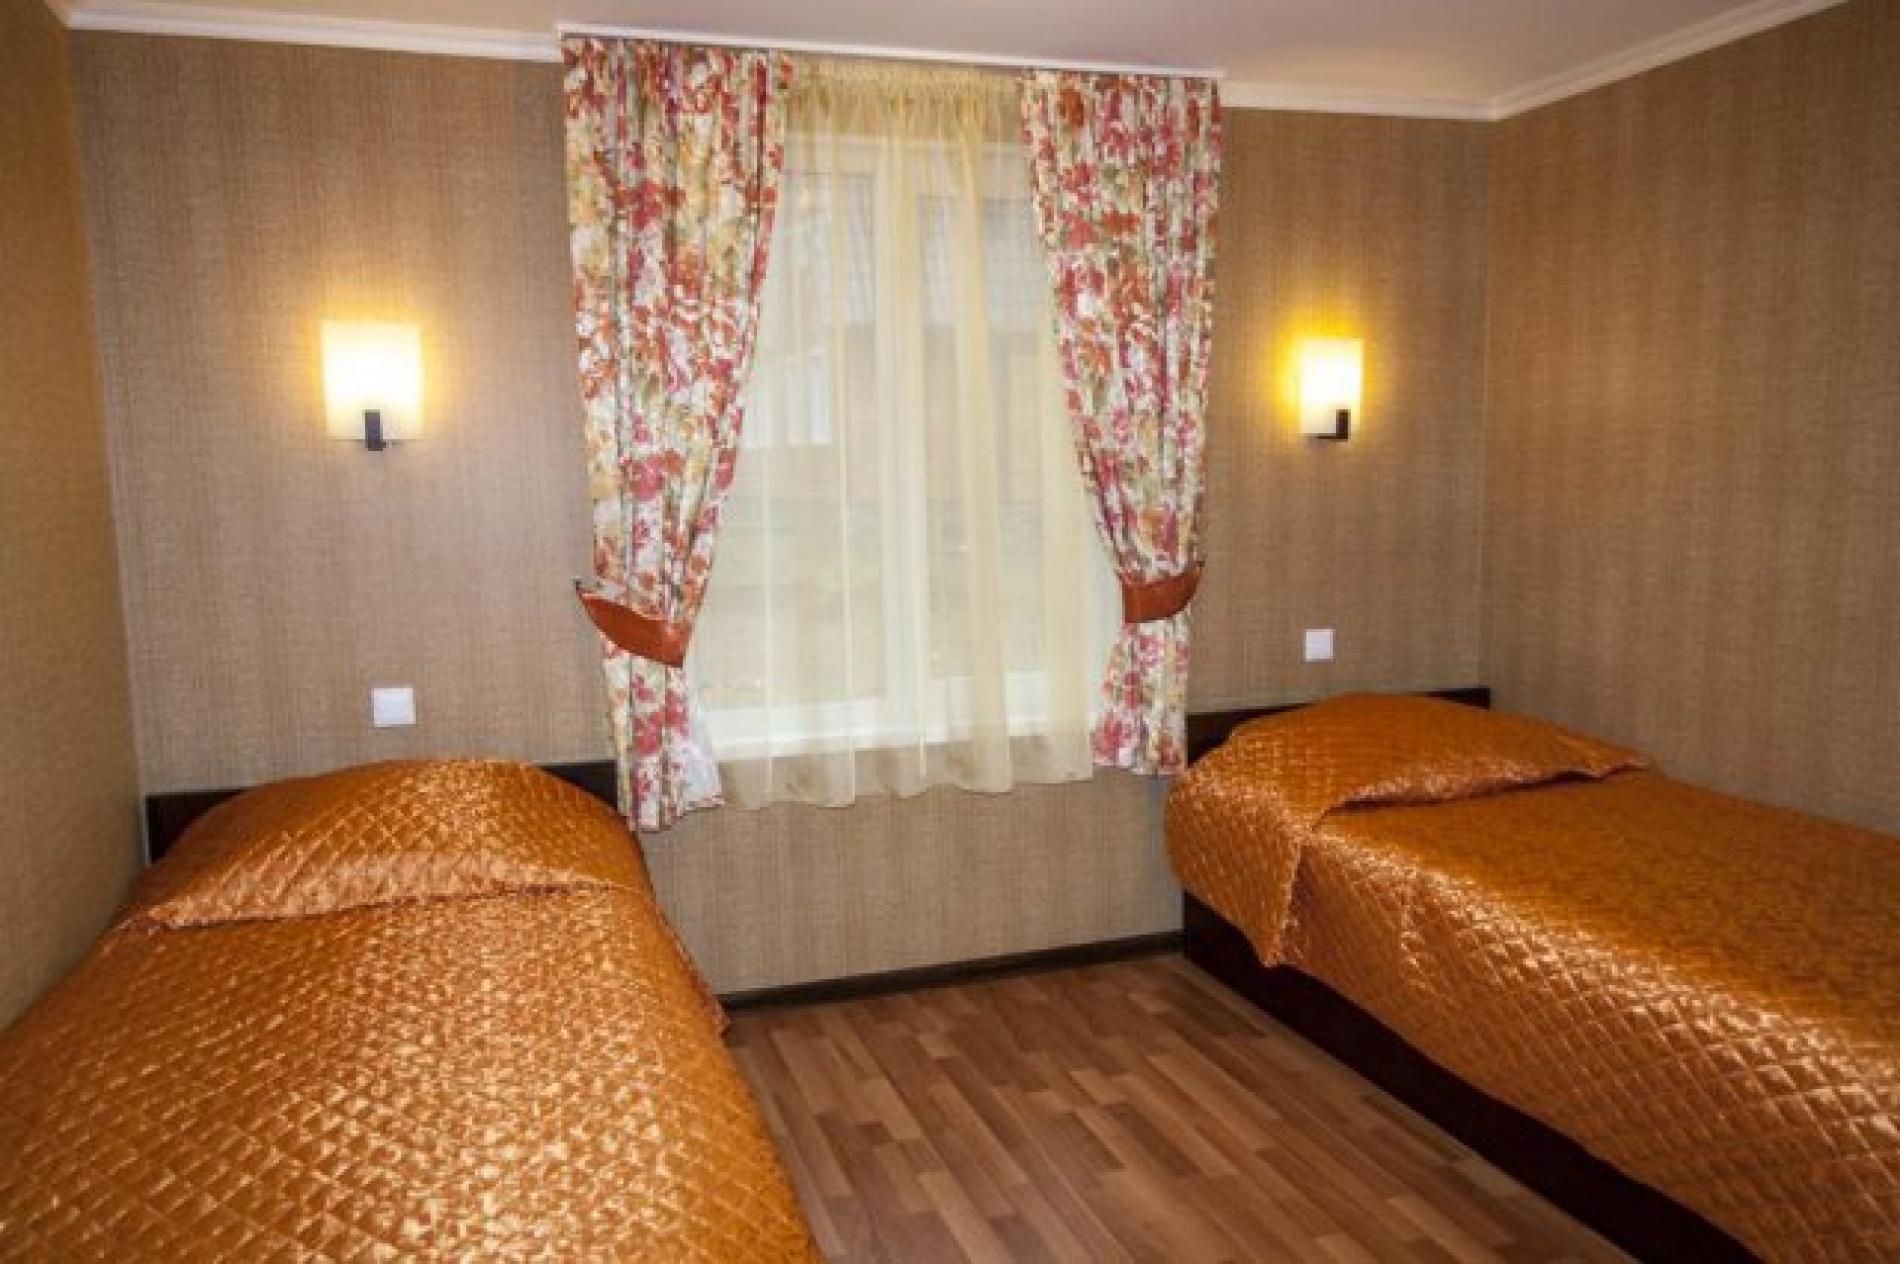 База отдыха «Стёпаново» Вологодская область Стандарт в Доме № 2, фото 2